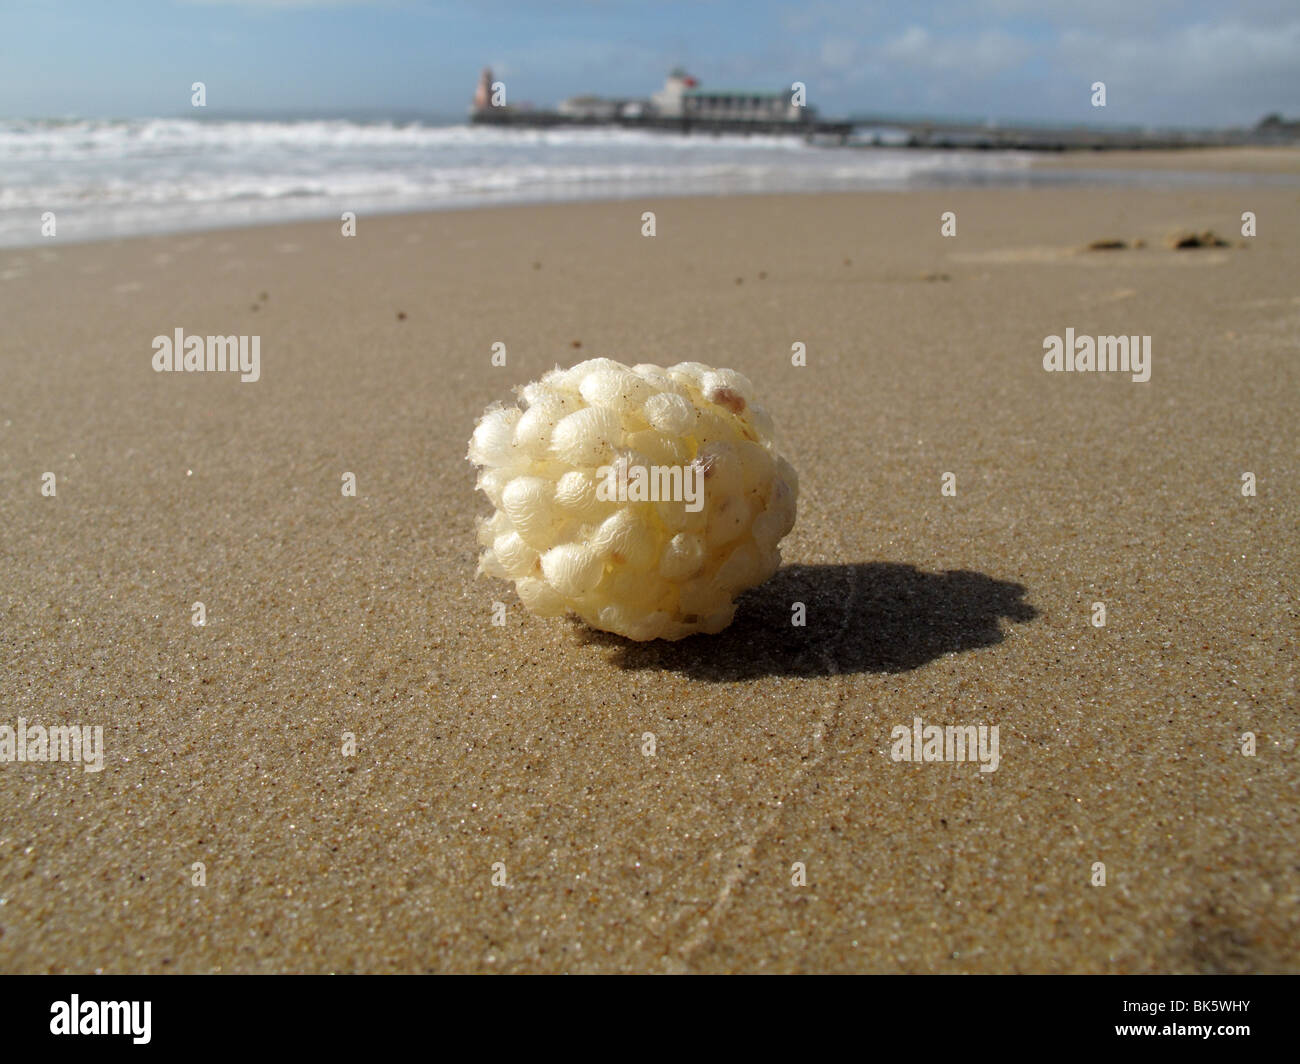 Dog whelk egg ball - Stock Image